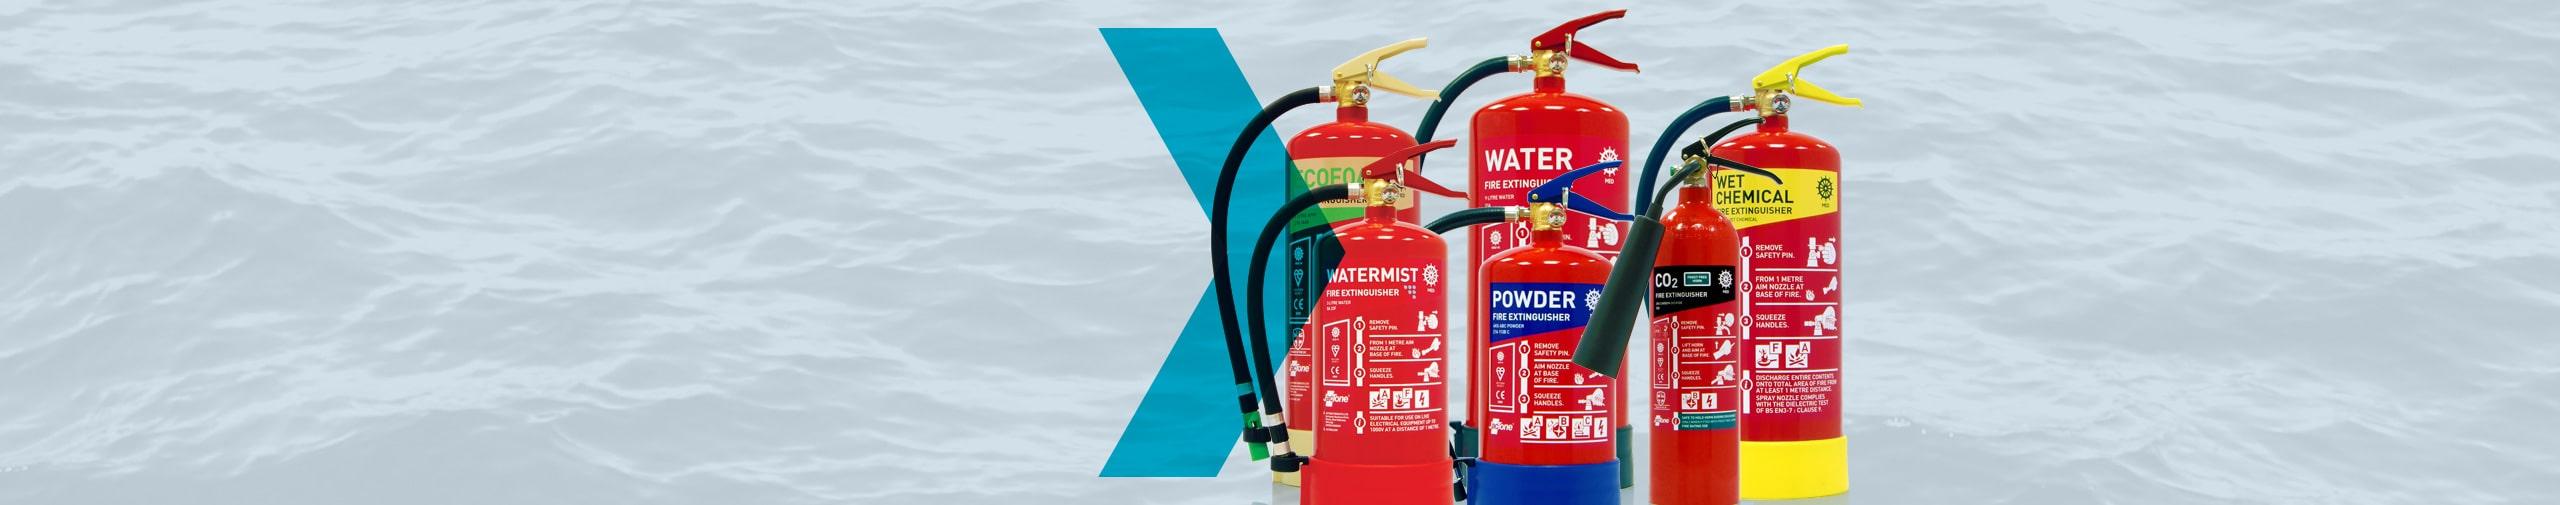 Jactone Marine Fire Extinguishers